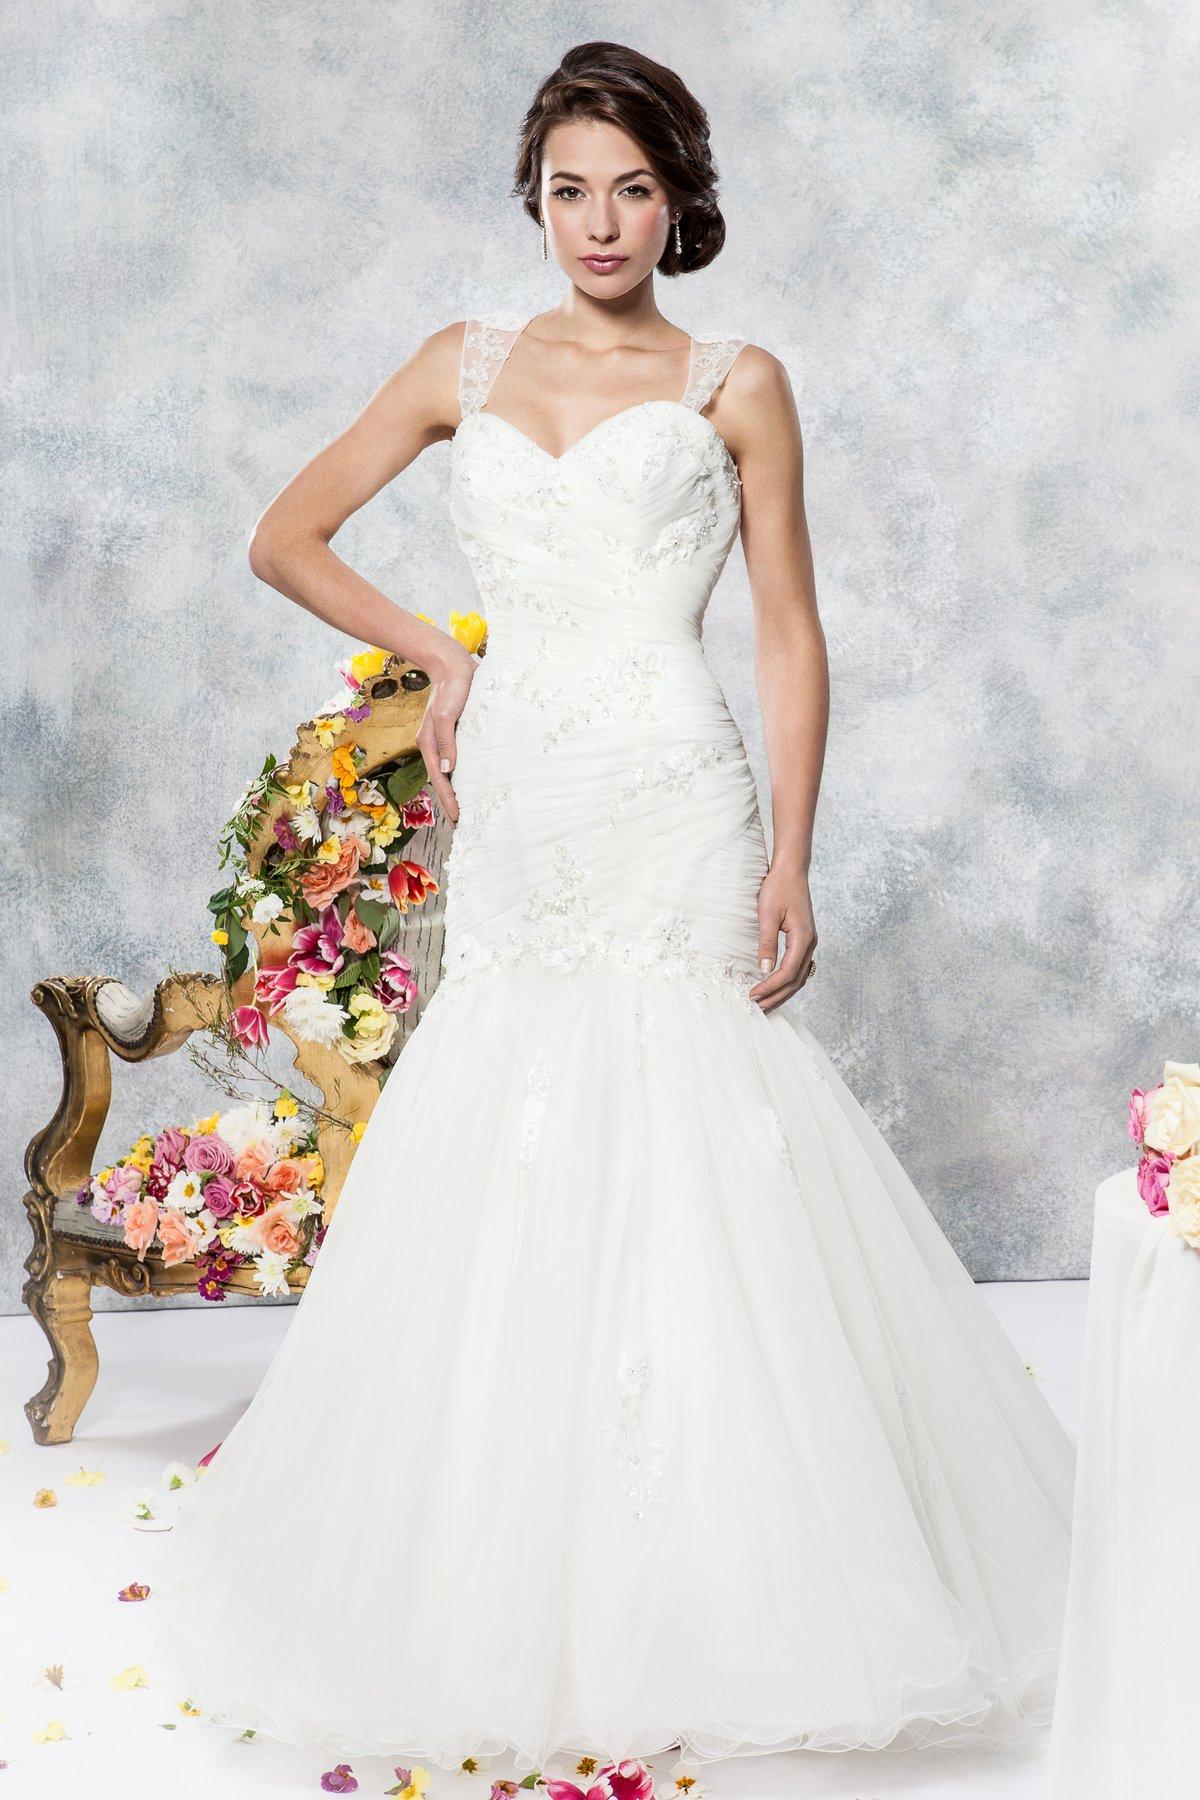 d6f6315bf1b5 ... alexiadesigns.com-Wedding-Alexia-Daisy 002  alexiadesigns.com-Wedding-Alexia-Bridal-Long--Style 328. Abiti da sposa  2015 Elie Saab  la nuova collezione ...